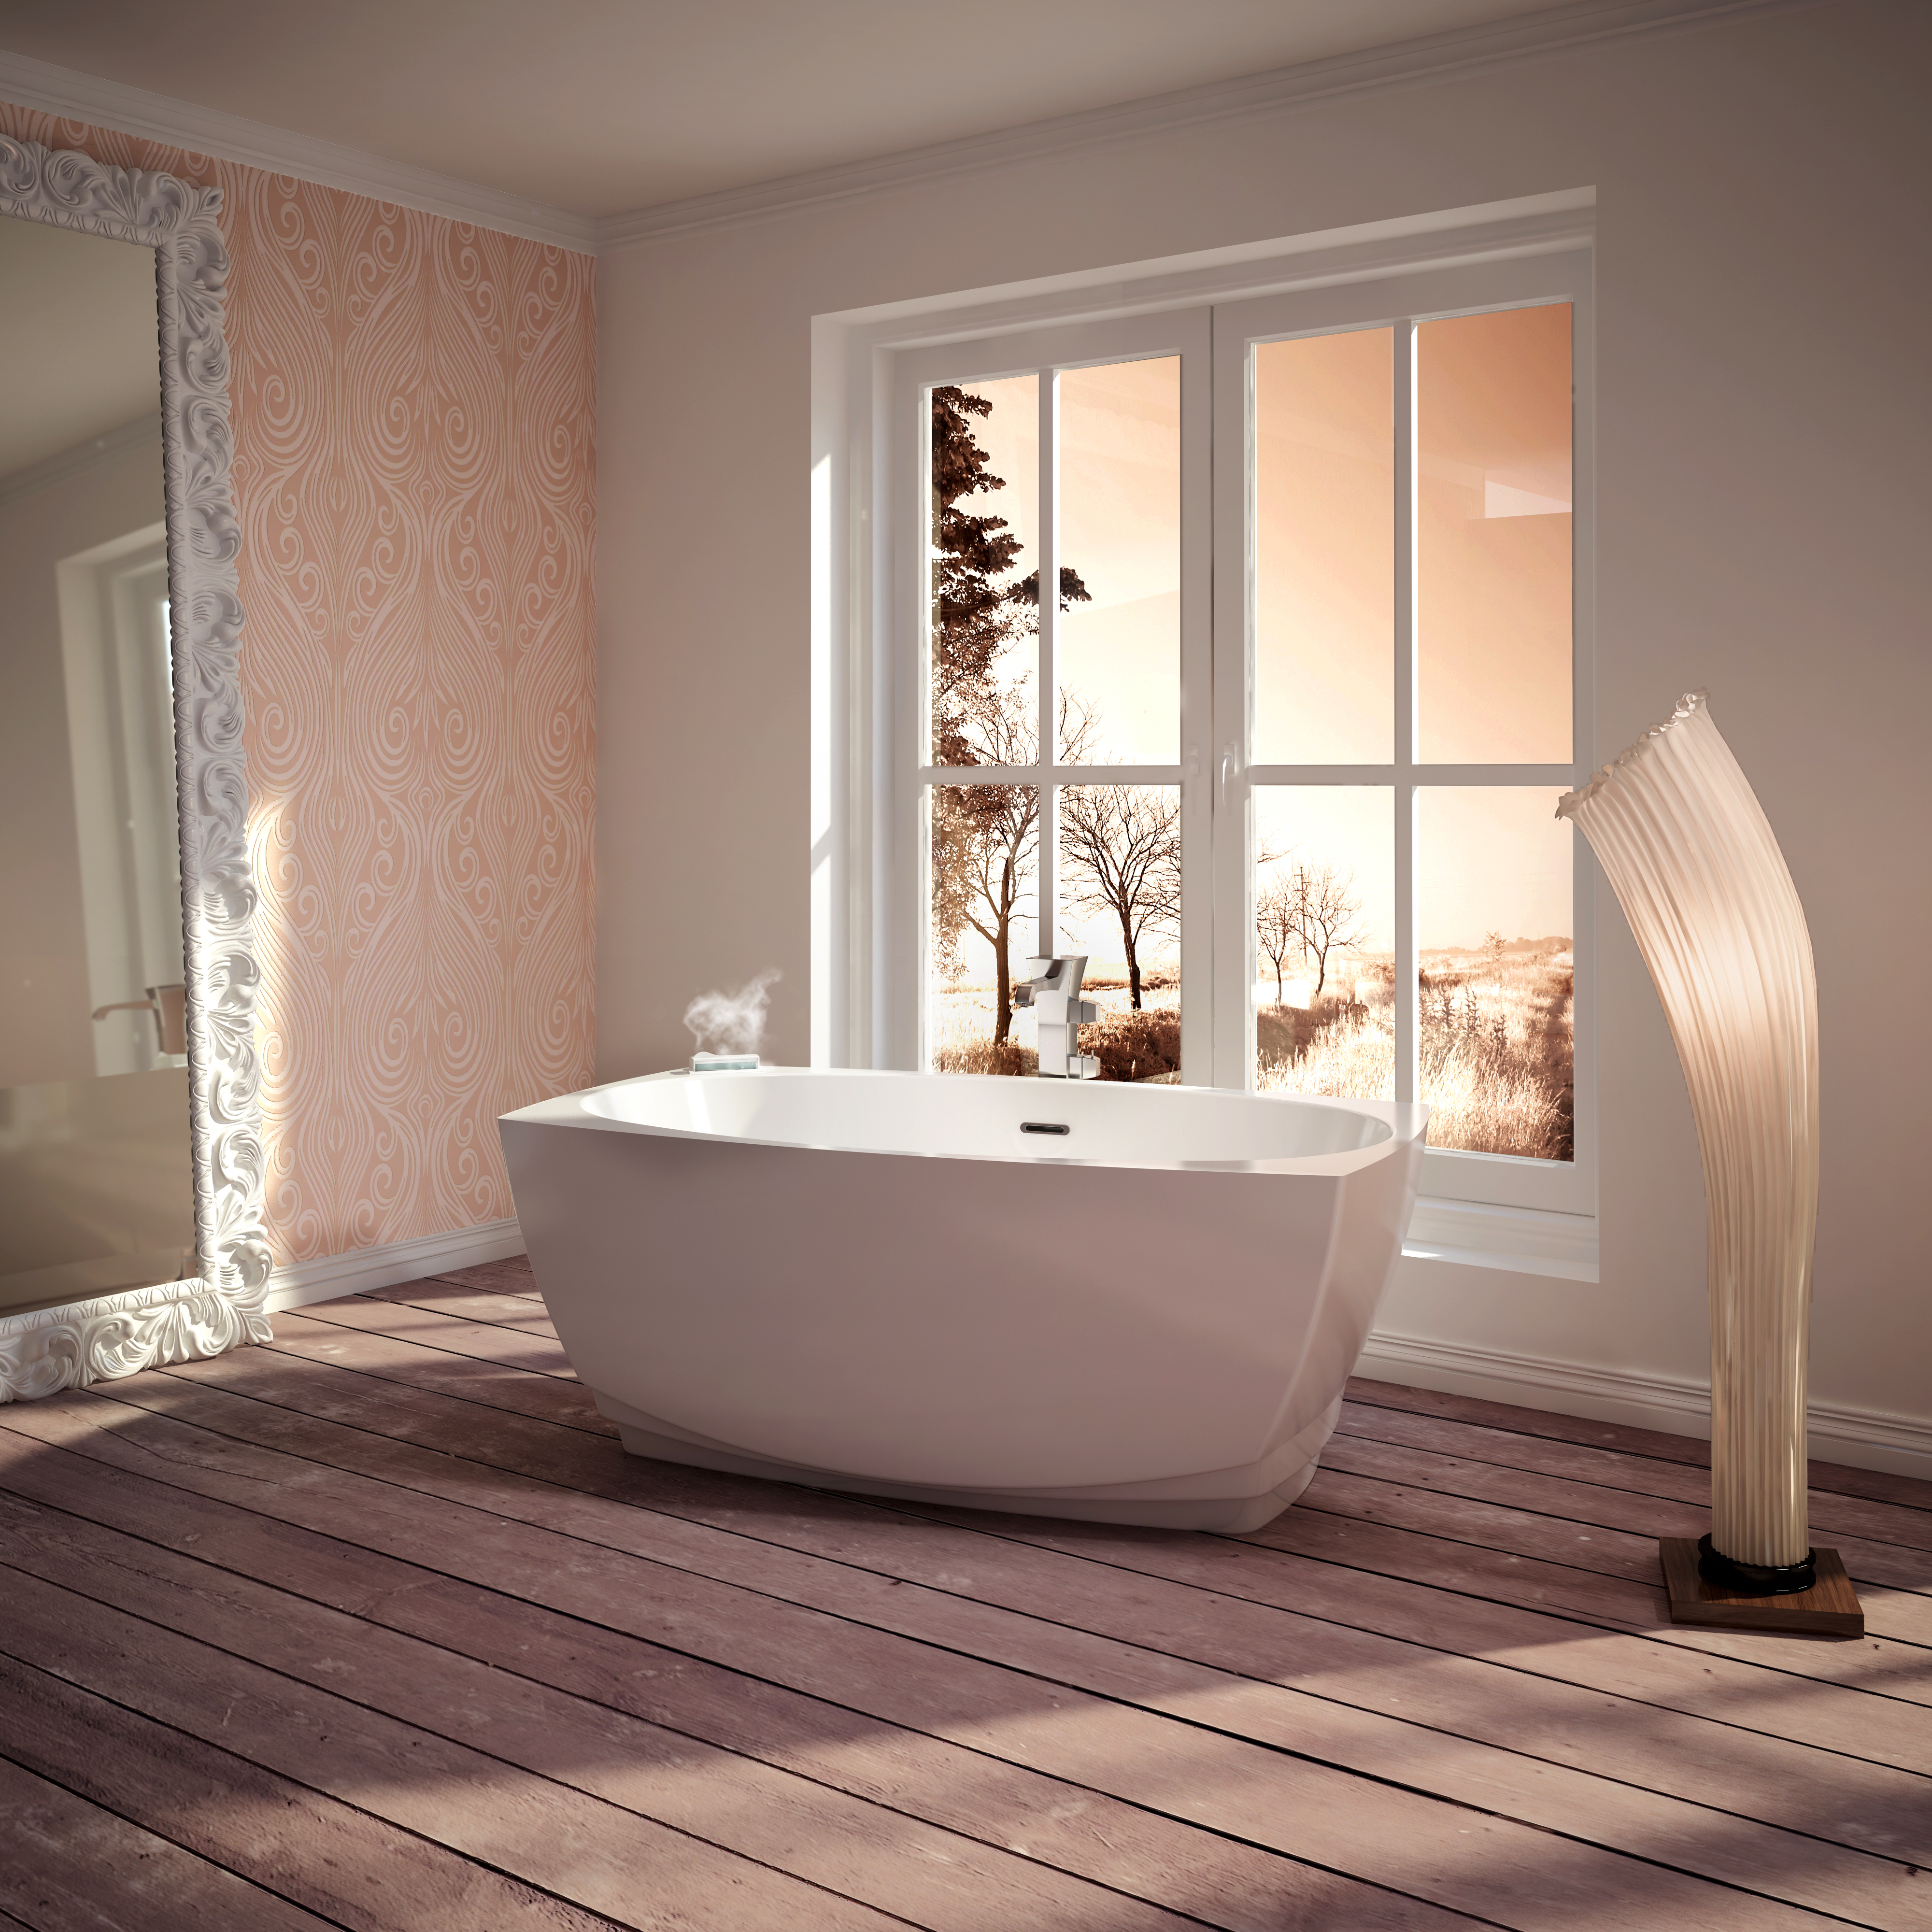 Bain Ultra Incomparable Esthesia Therapeutic Baths